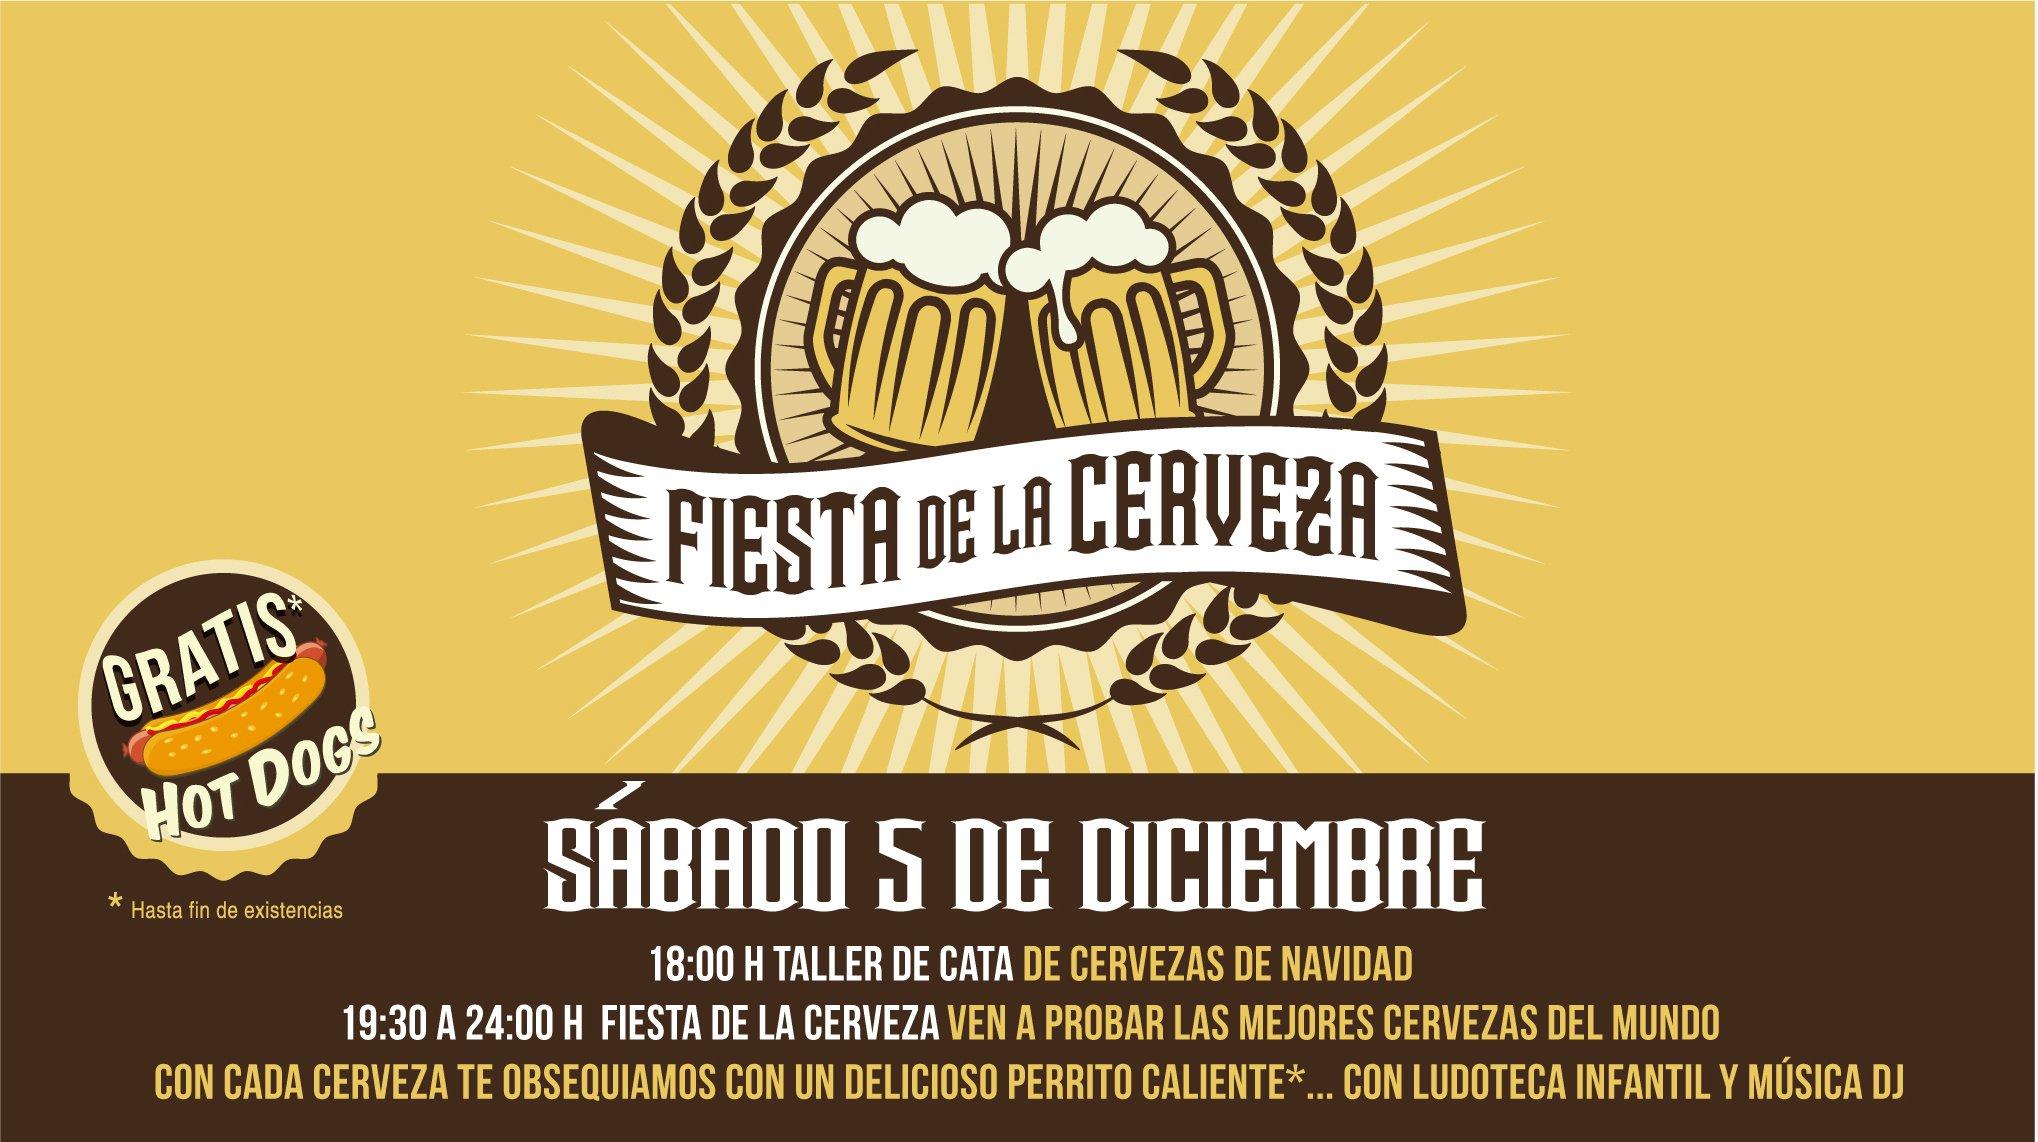 El III Bierfest de Sexta Avenida abre sus puertas con una Cata de Cervezas de Navidad